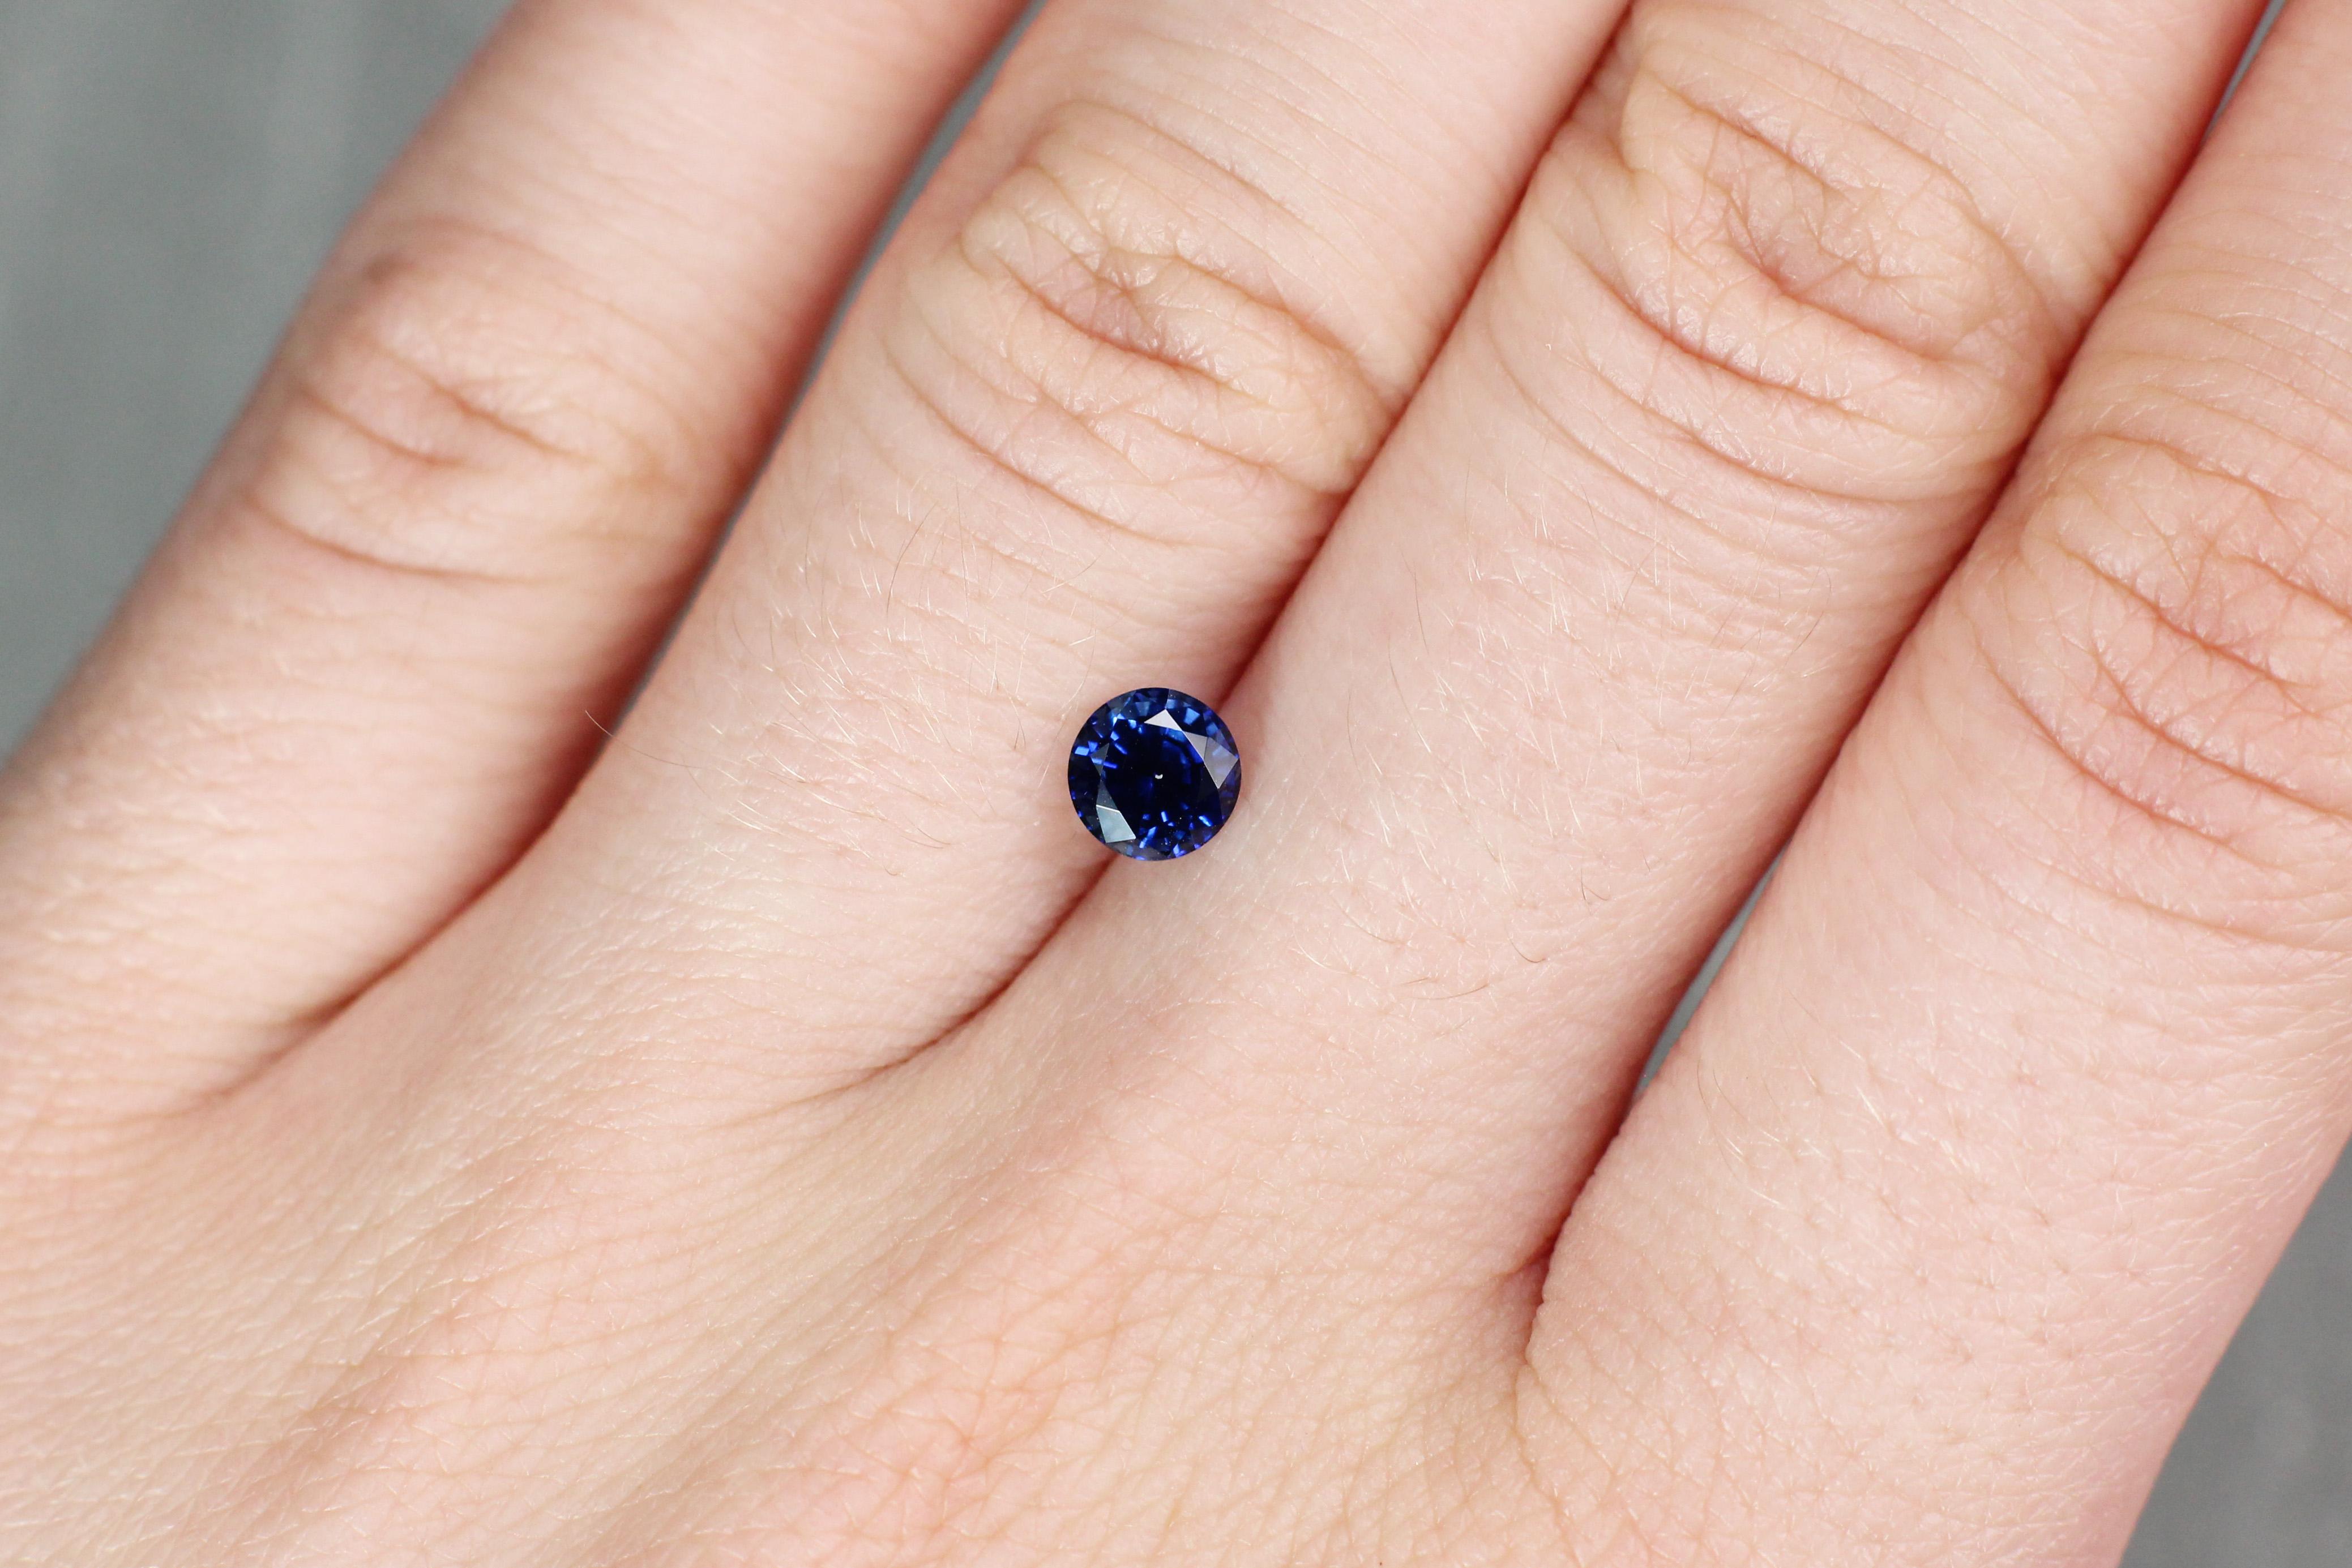 0.88 ct blue round sapphire